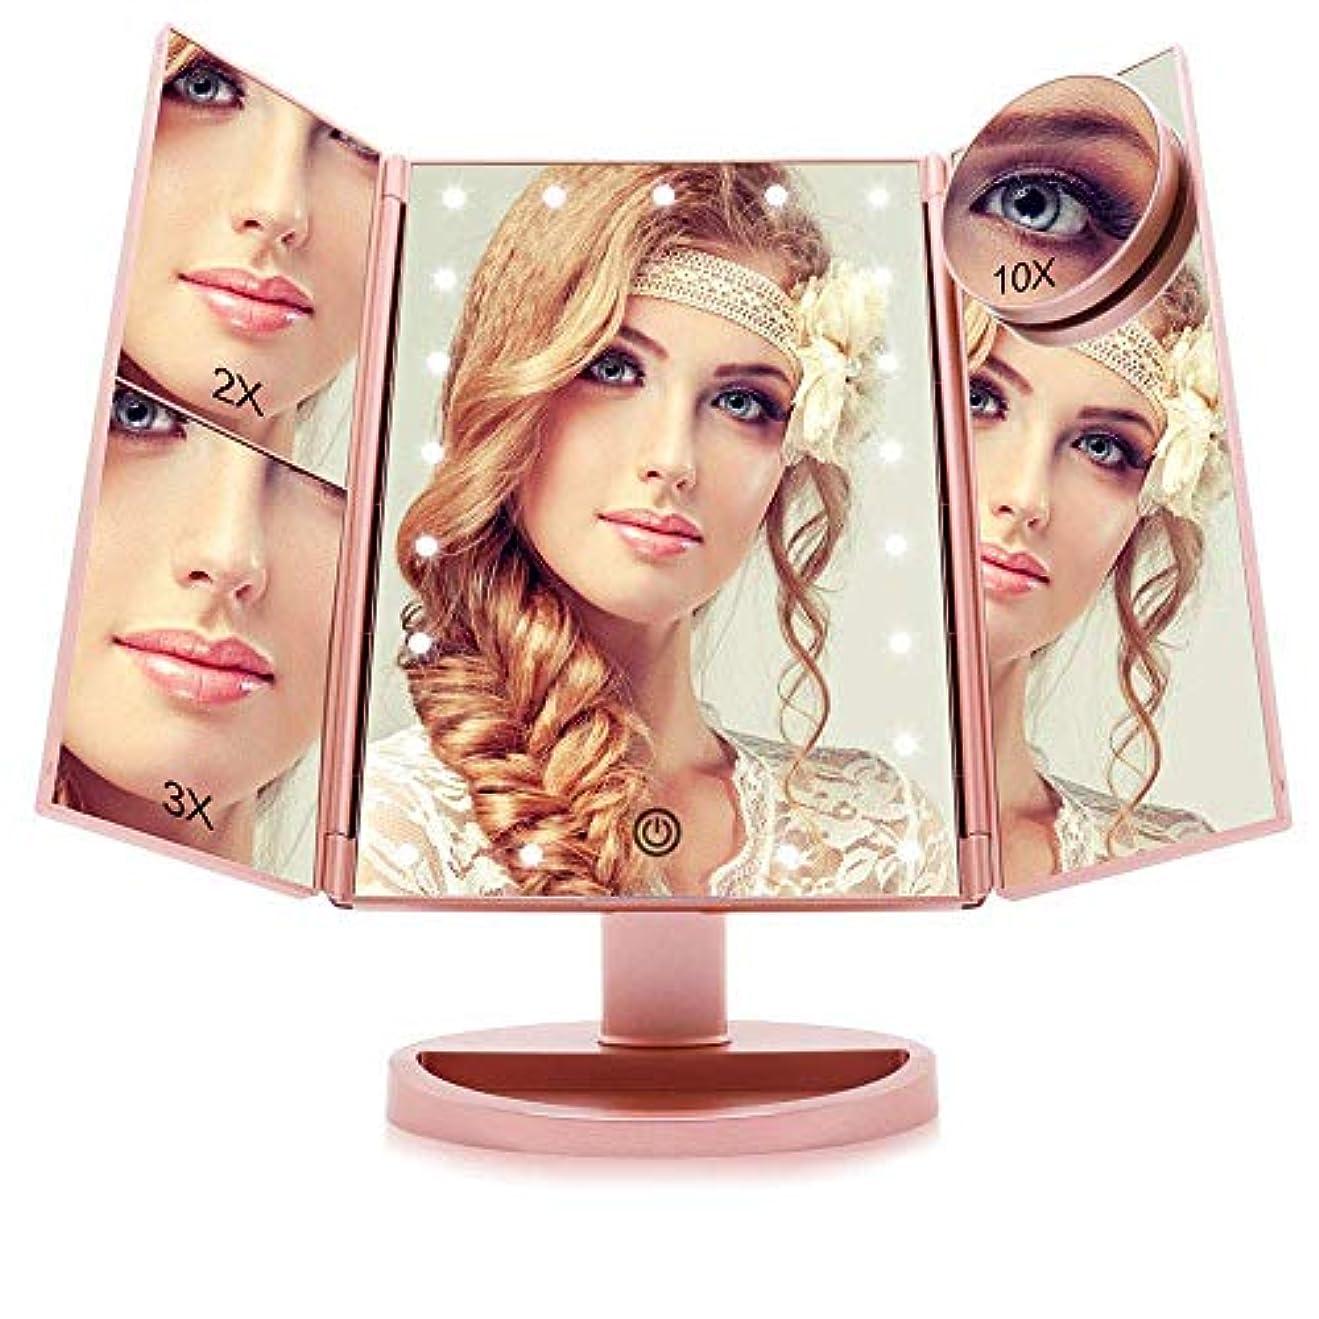 ポジティブ阻害する警告Funtouch 化粧鏡 三面鏡 化粧ミラー 卓上ミラー 鏡 led付き 折りたたみ 2&3&10倍拡大鏡付き 明るさ調節可能 180°回転 プレゼント(Rose Gold)